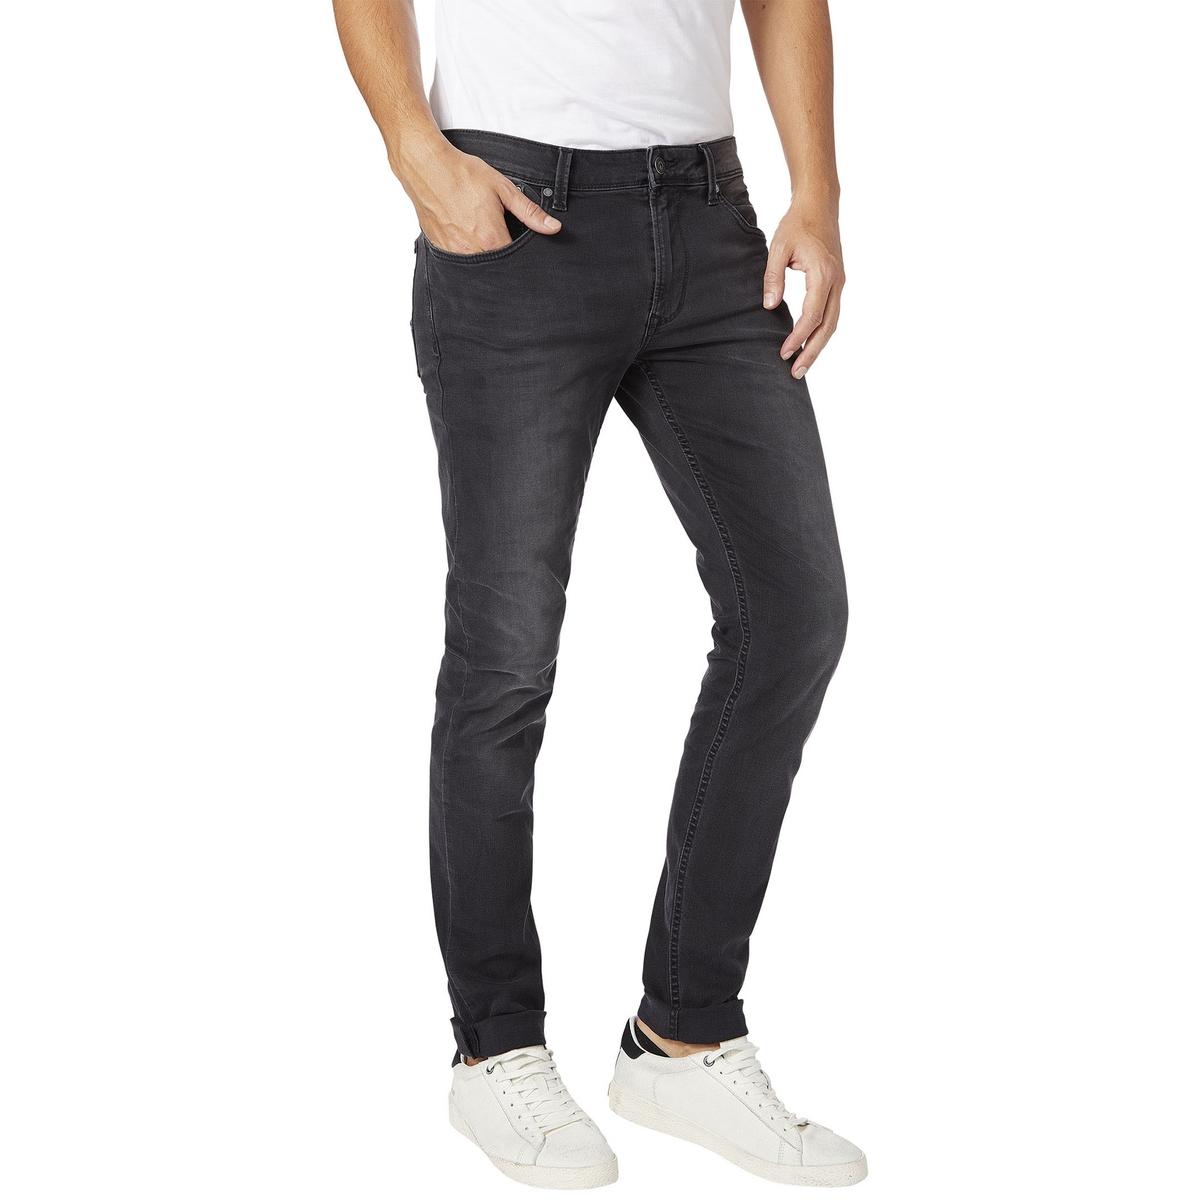 Джинсы-скинни FINSBURY джинсы скинни 73 см